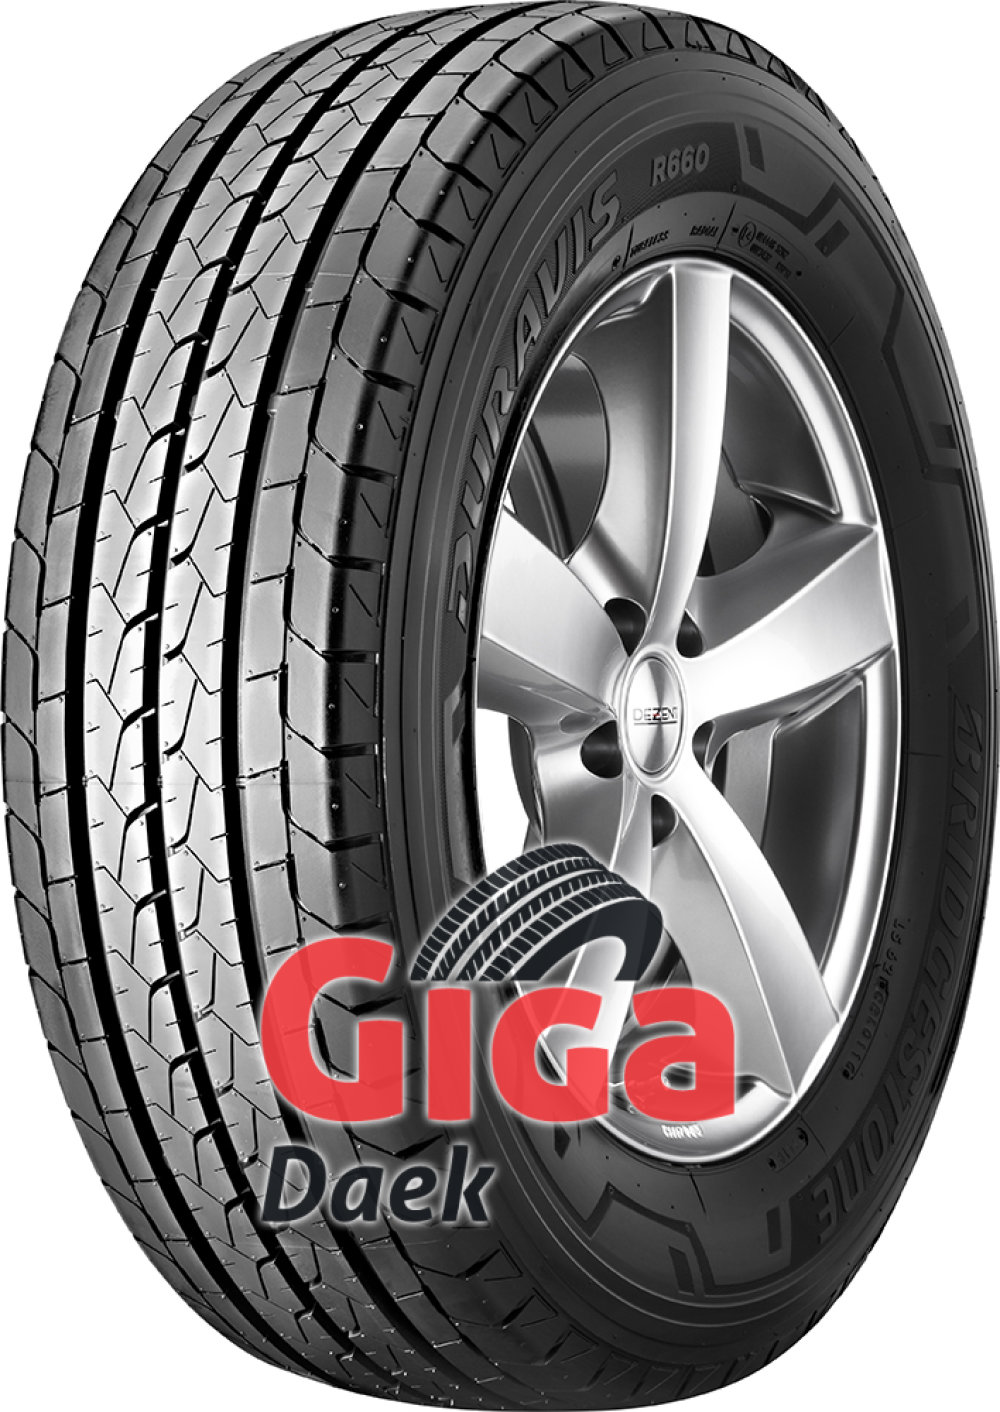 Bridgestone Duravis R660 ( 215/65 R15C 104/102T 6PR )